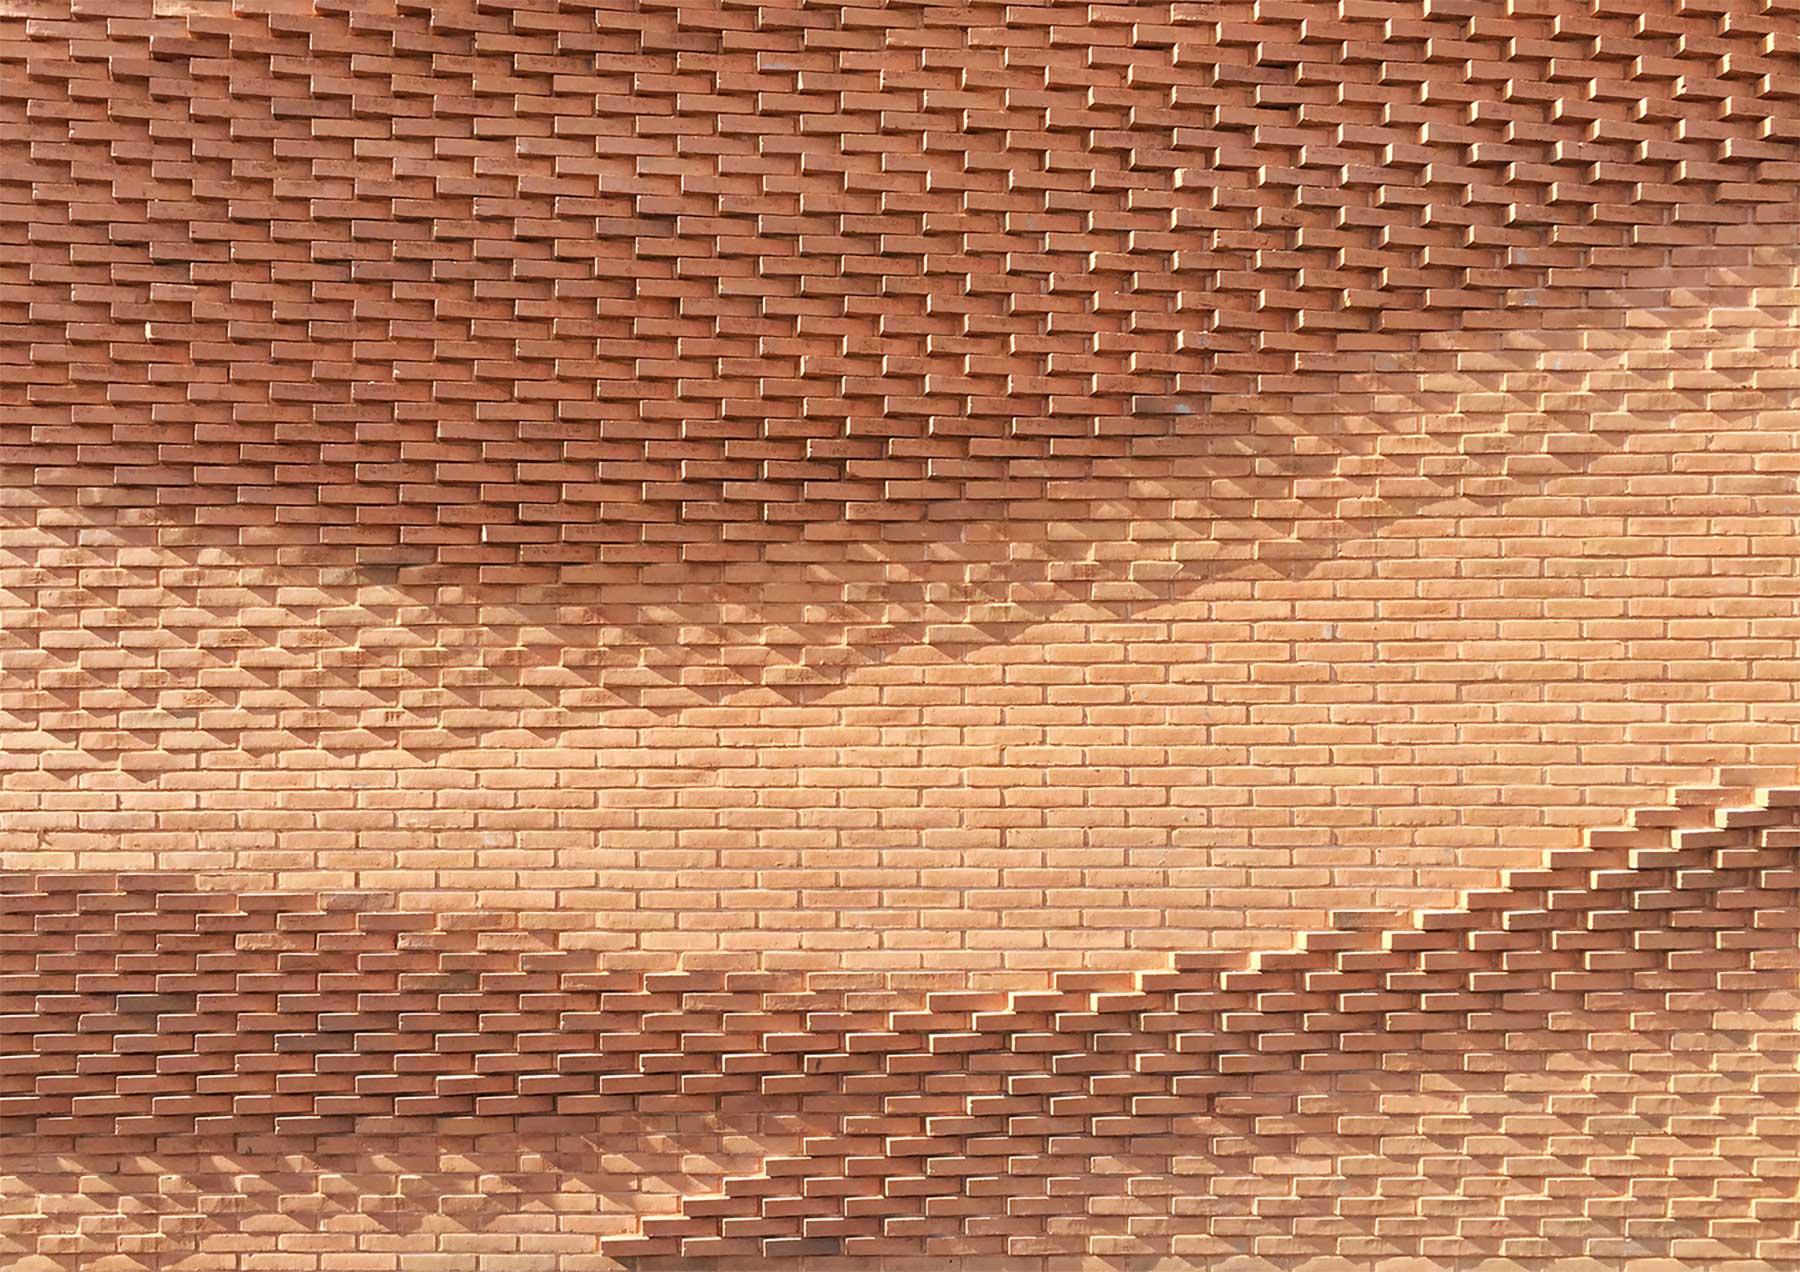 Diese Mauer macht eine La-Ola-Welle